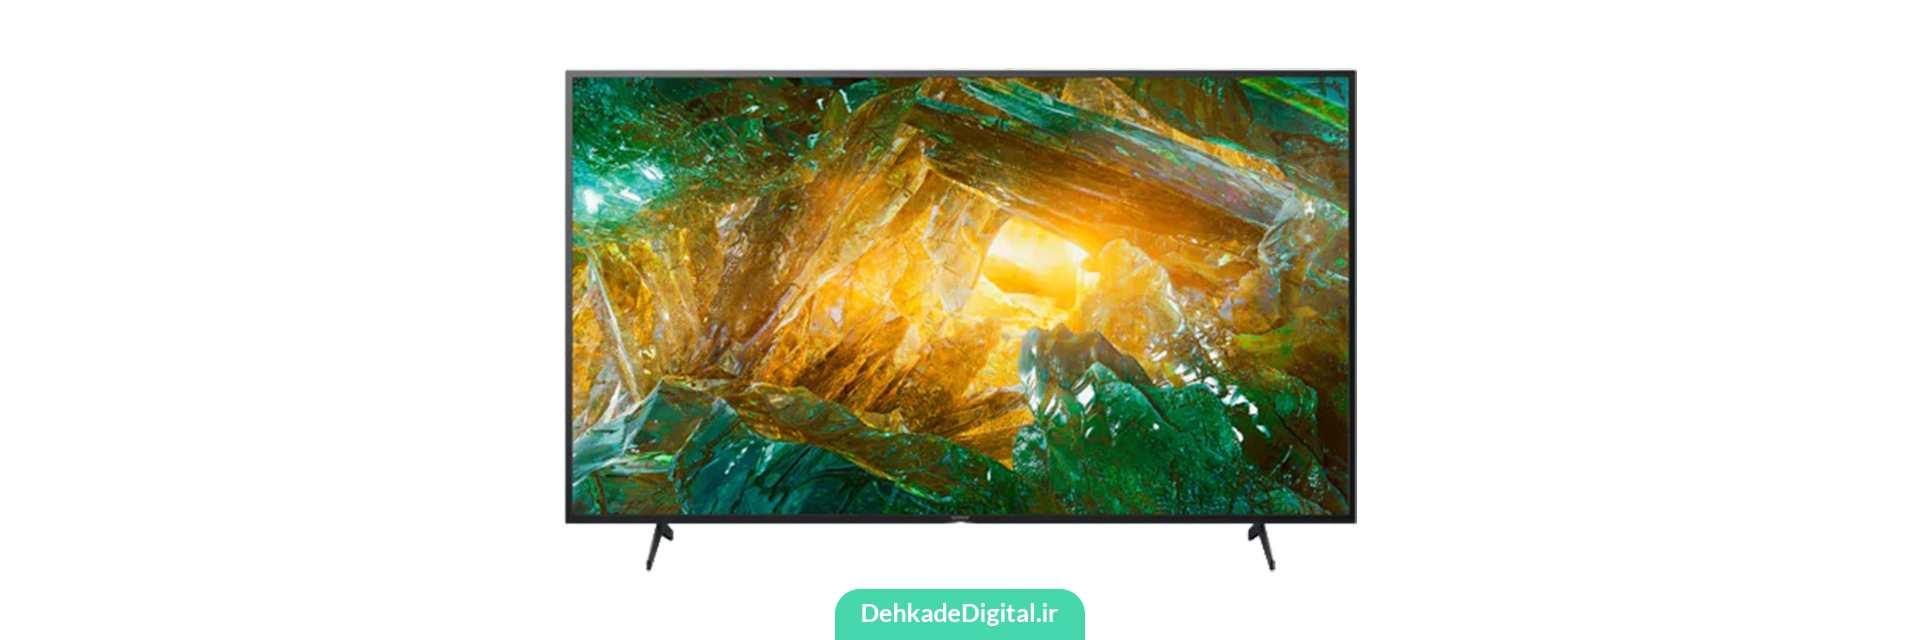 معرفی تلویزیون های سونی X8000H55